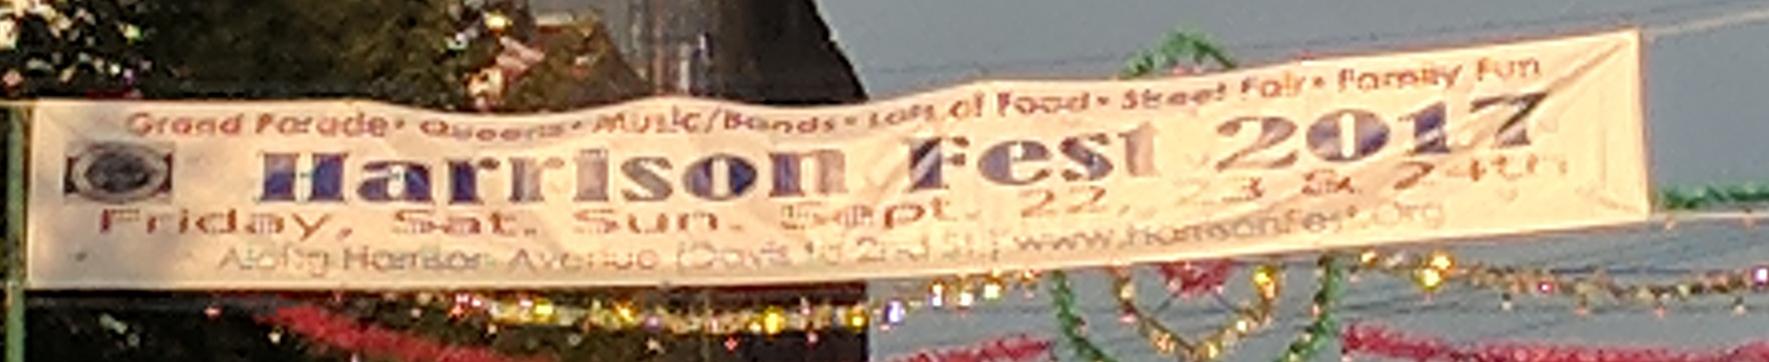 harrison fest banner 2017 c.jpg